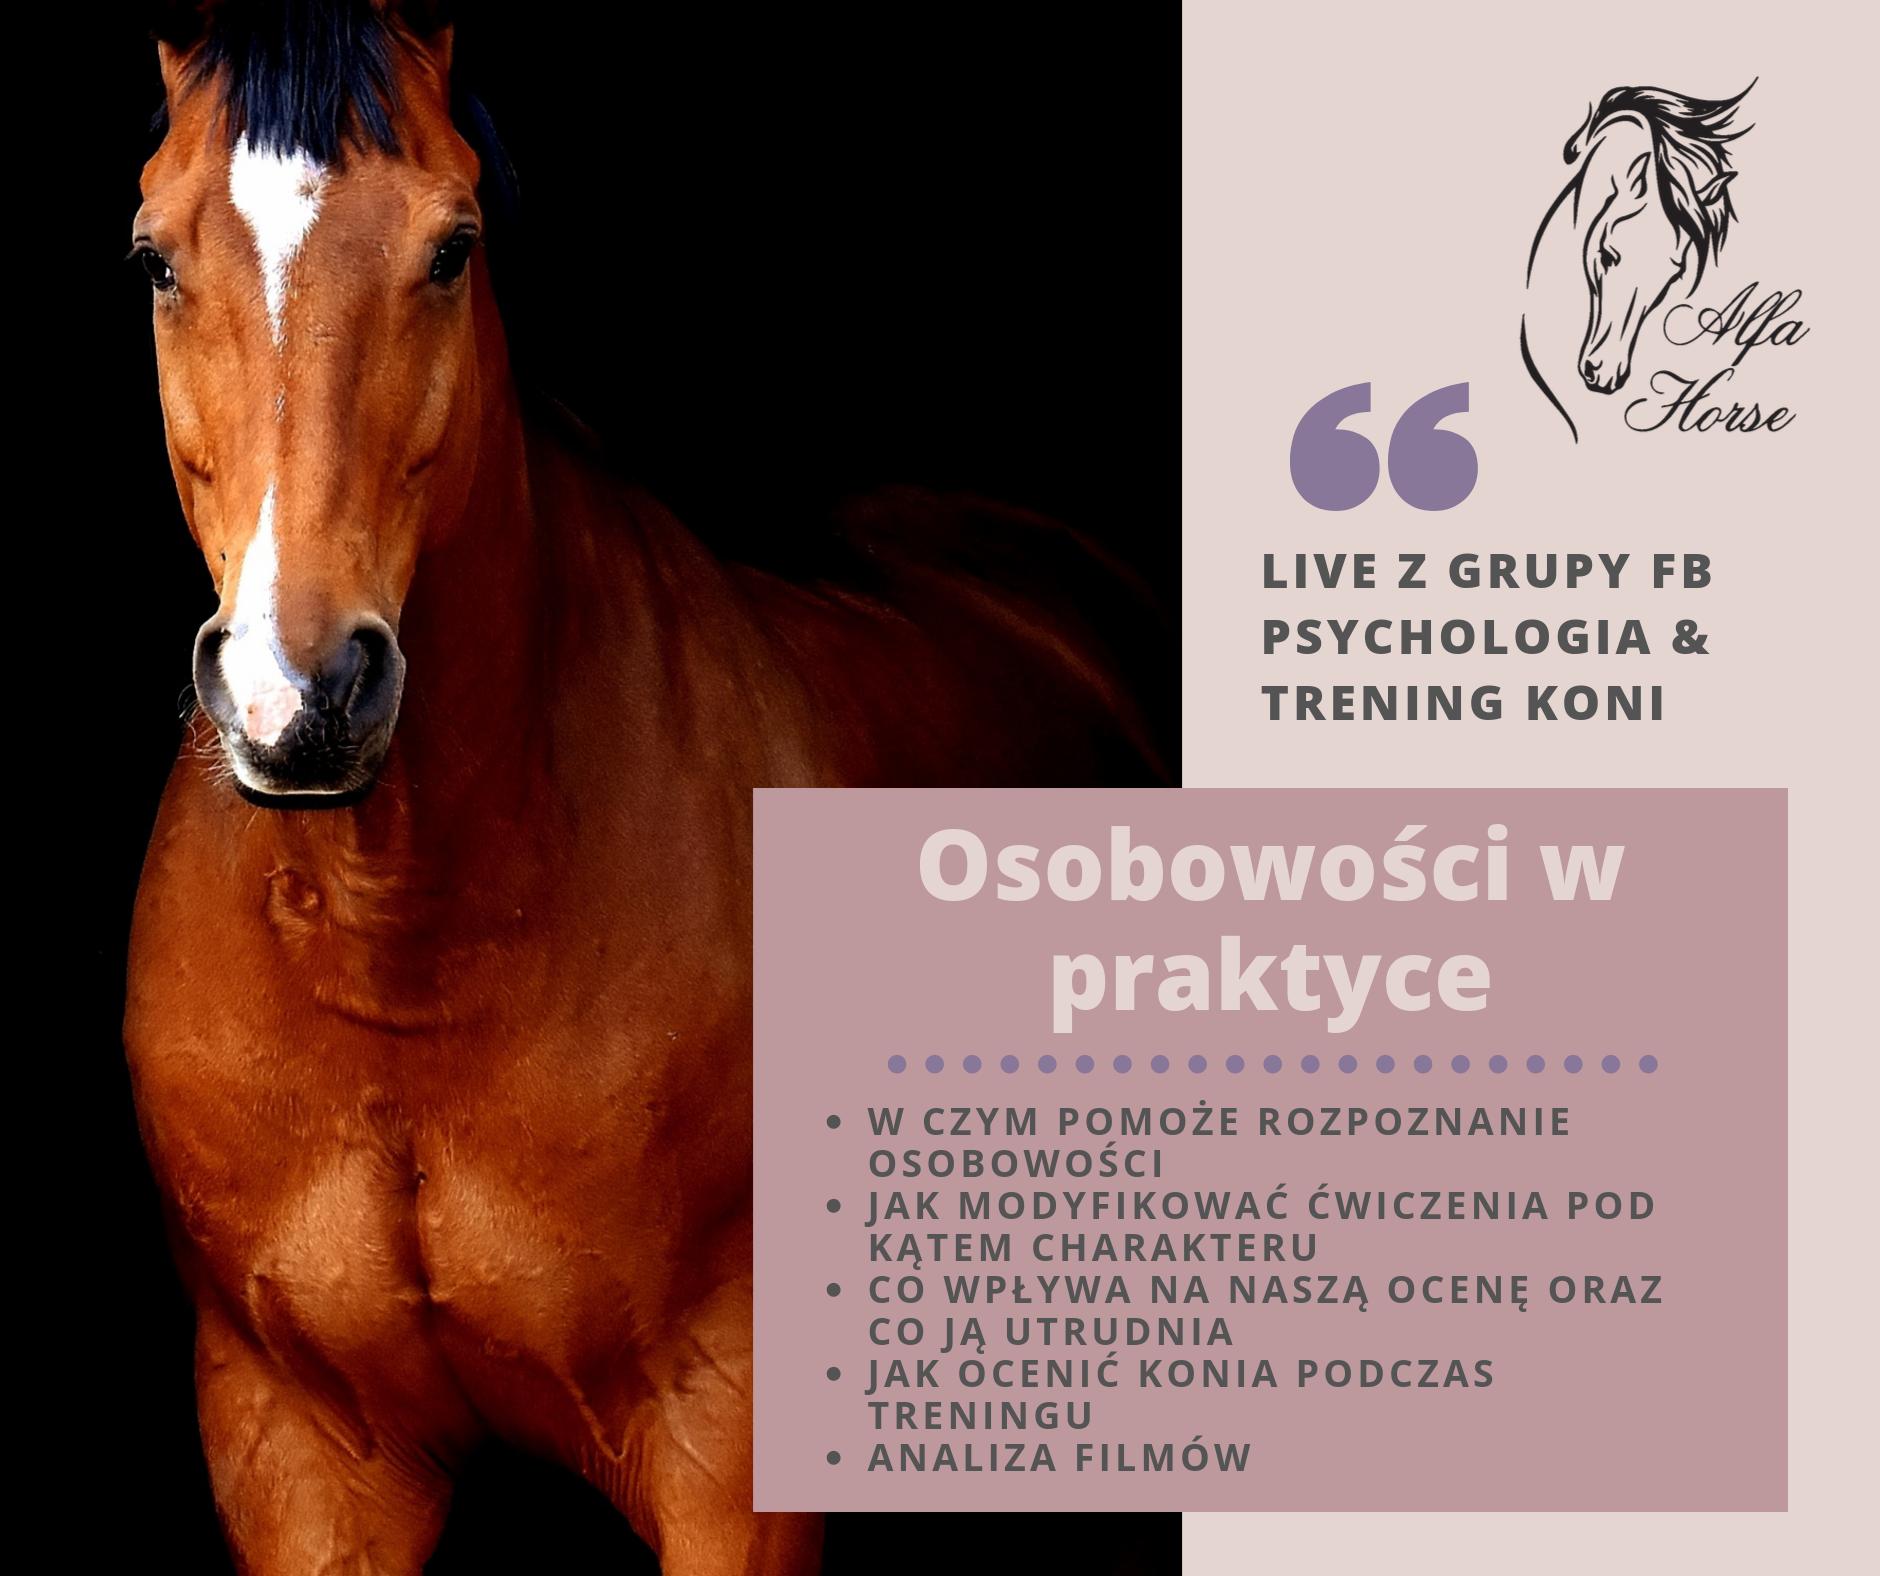 osobowosc_praktyka_trening_koni